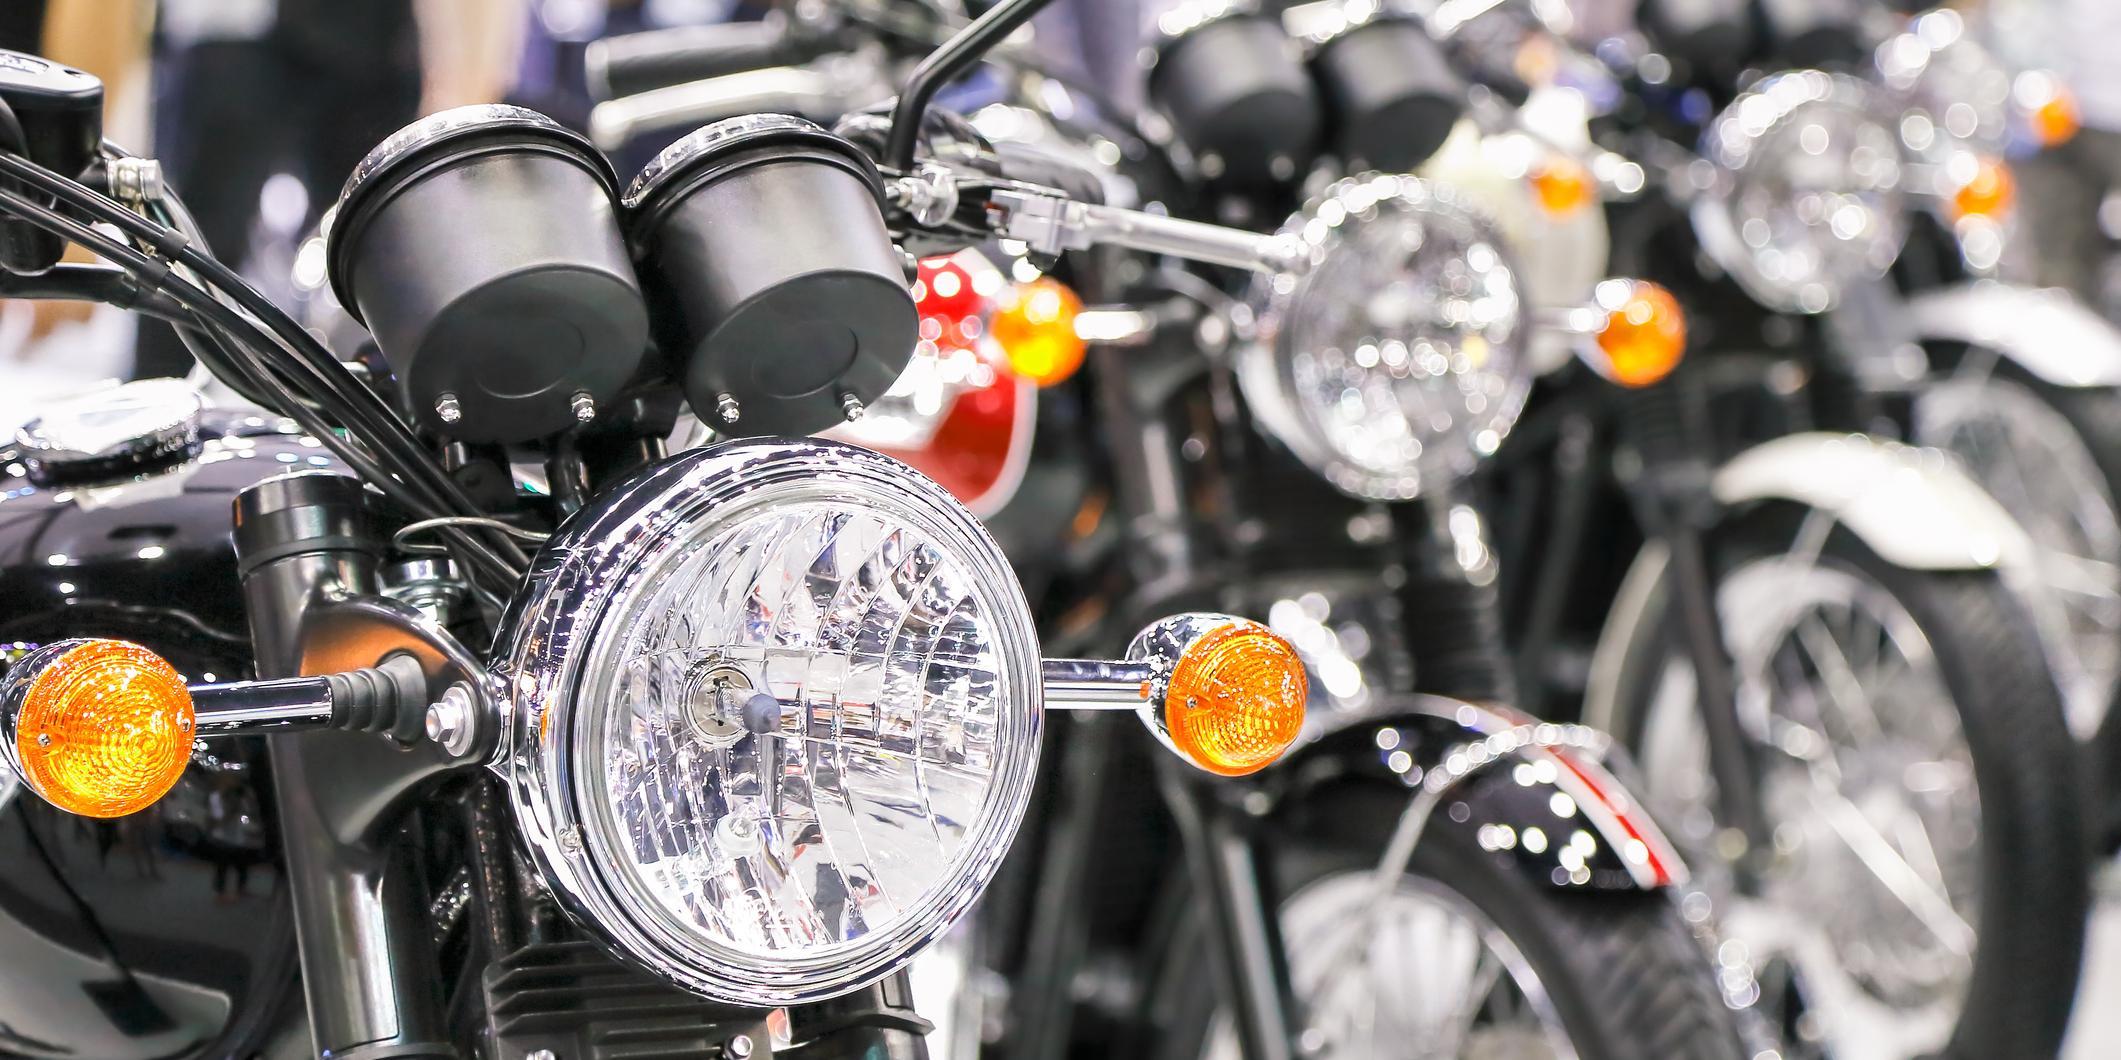 bien choisir sa moto